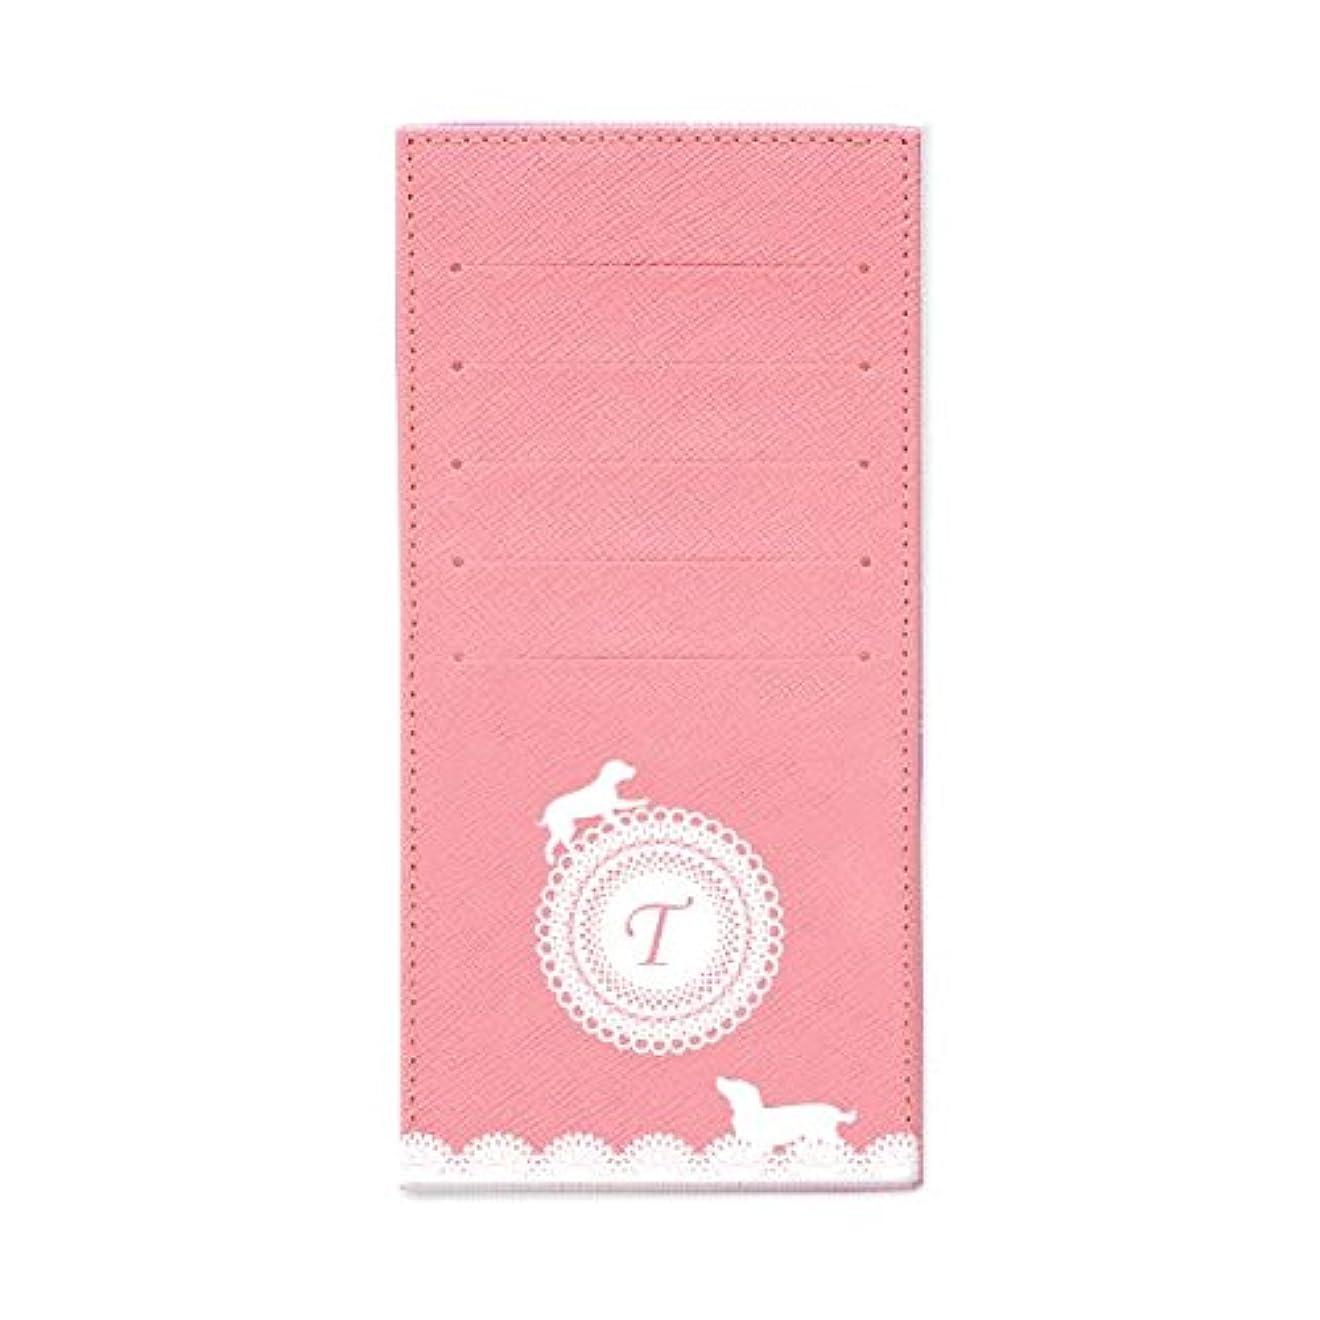 スリップシューズ解放急速なインナーカードケース 長財布用カードケース 10枚収納可能 カード入れ 収納 プレゼント ギフト 3024レースネーム (T) パウダーピンク mirai